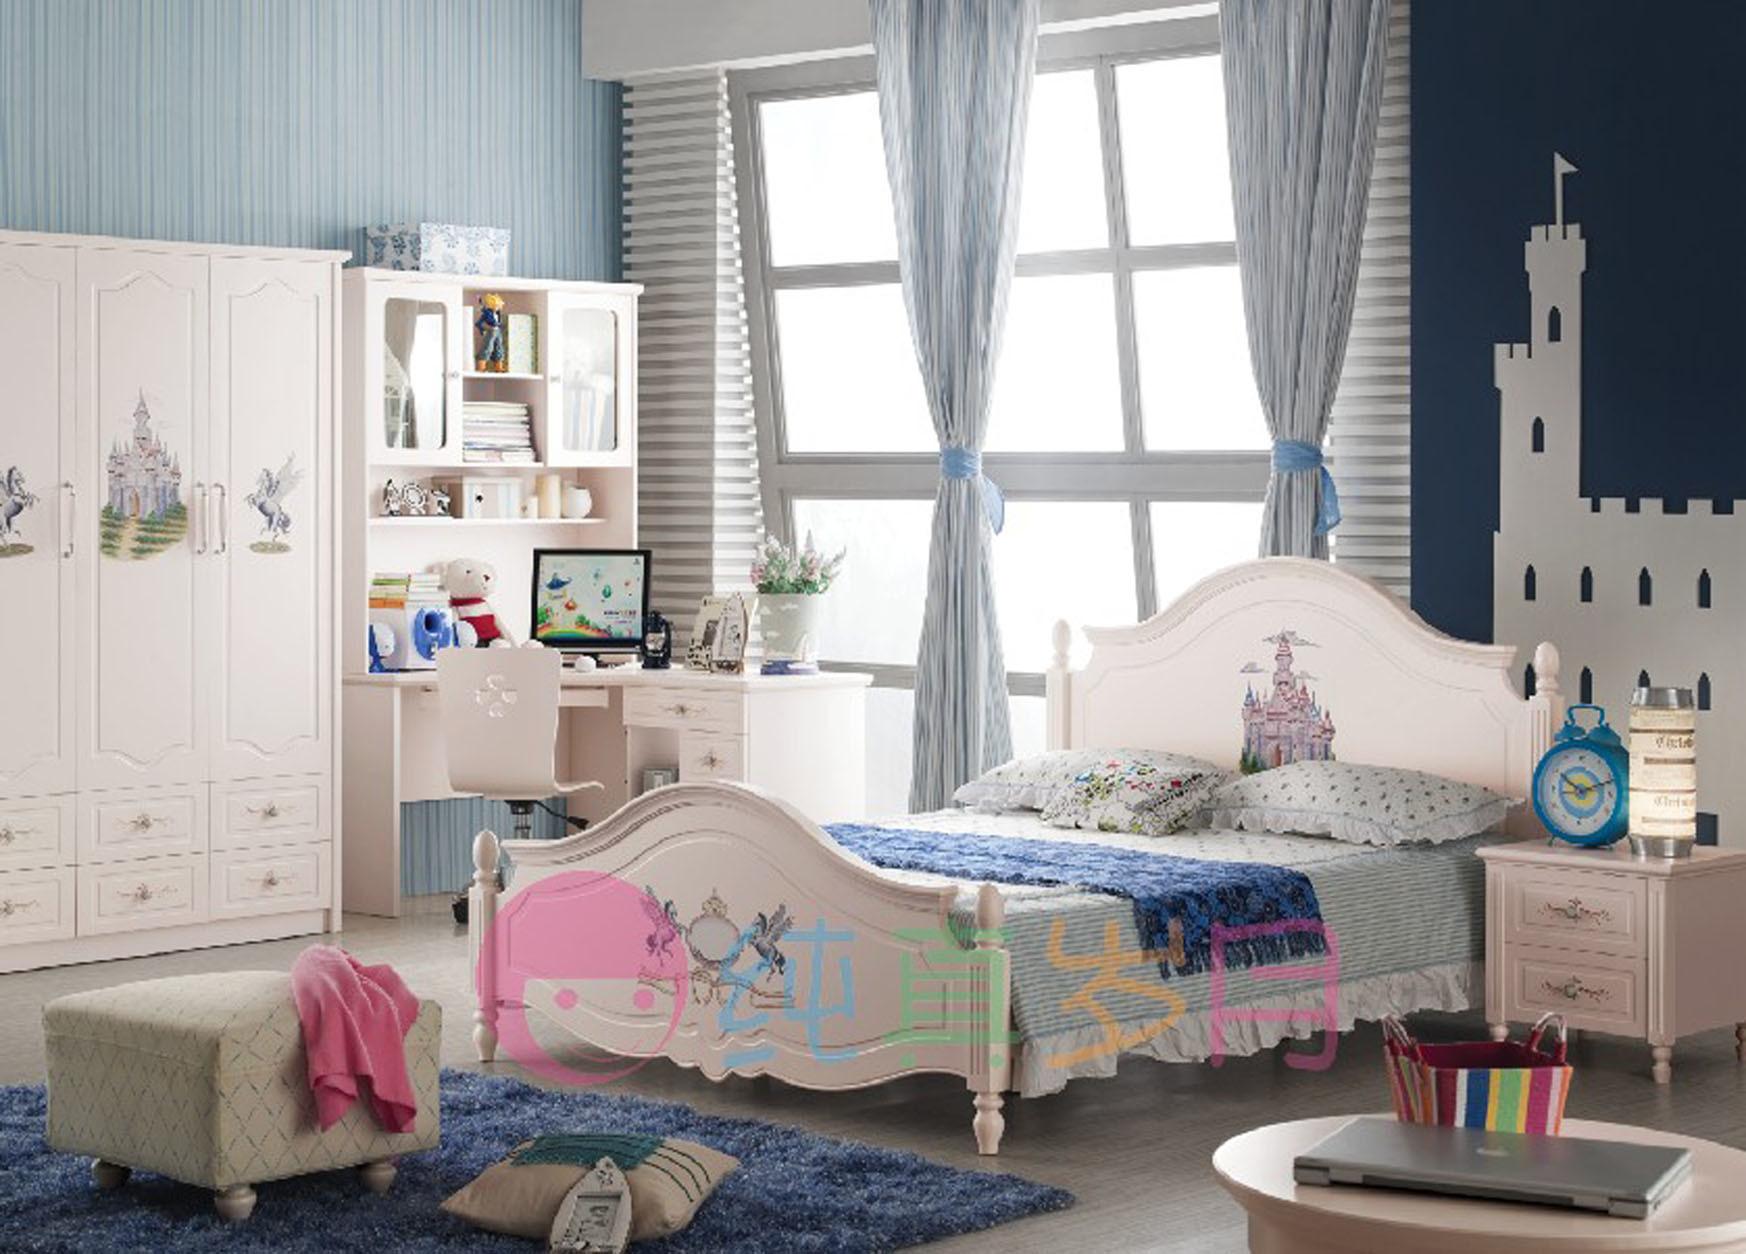 Meubles uniques de chambre coucher de conception 5181 for Commande chambre a coucher